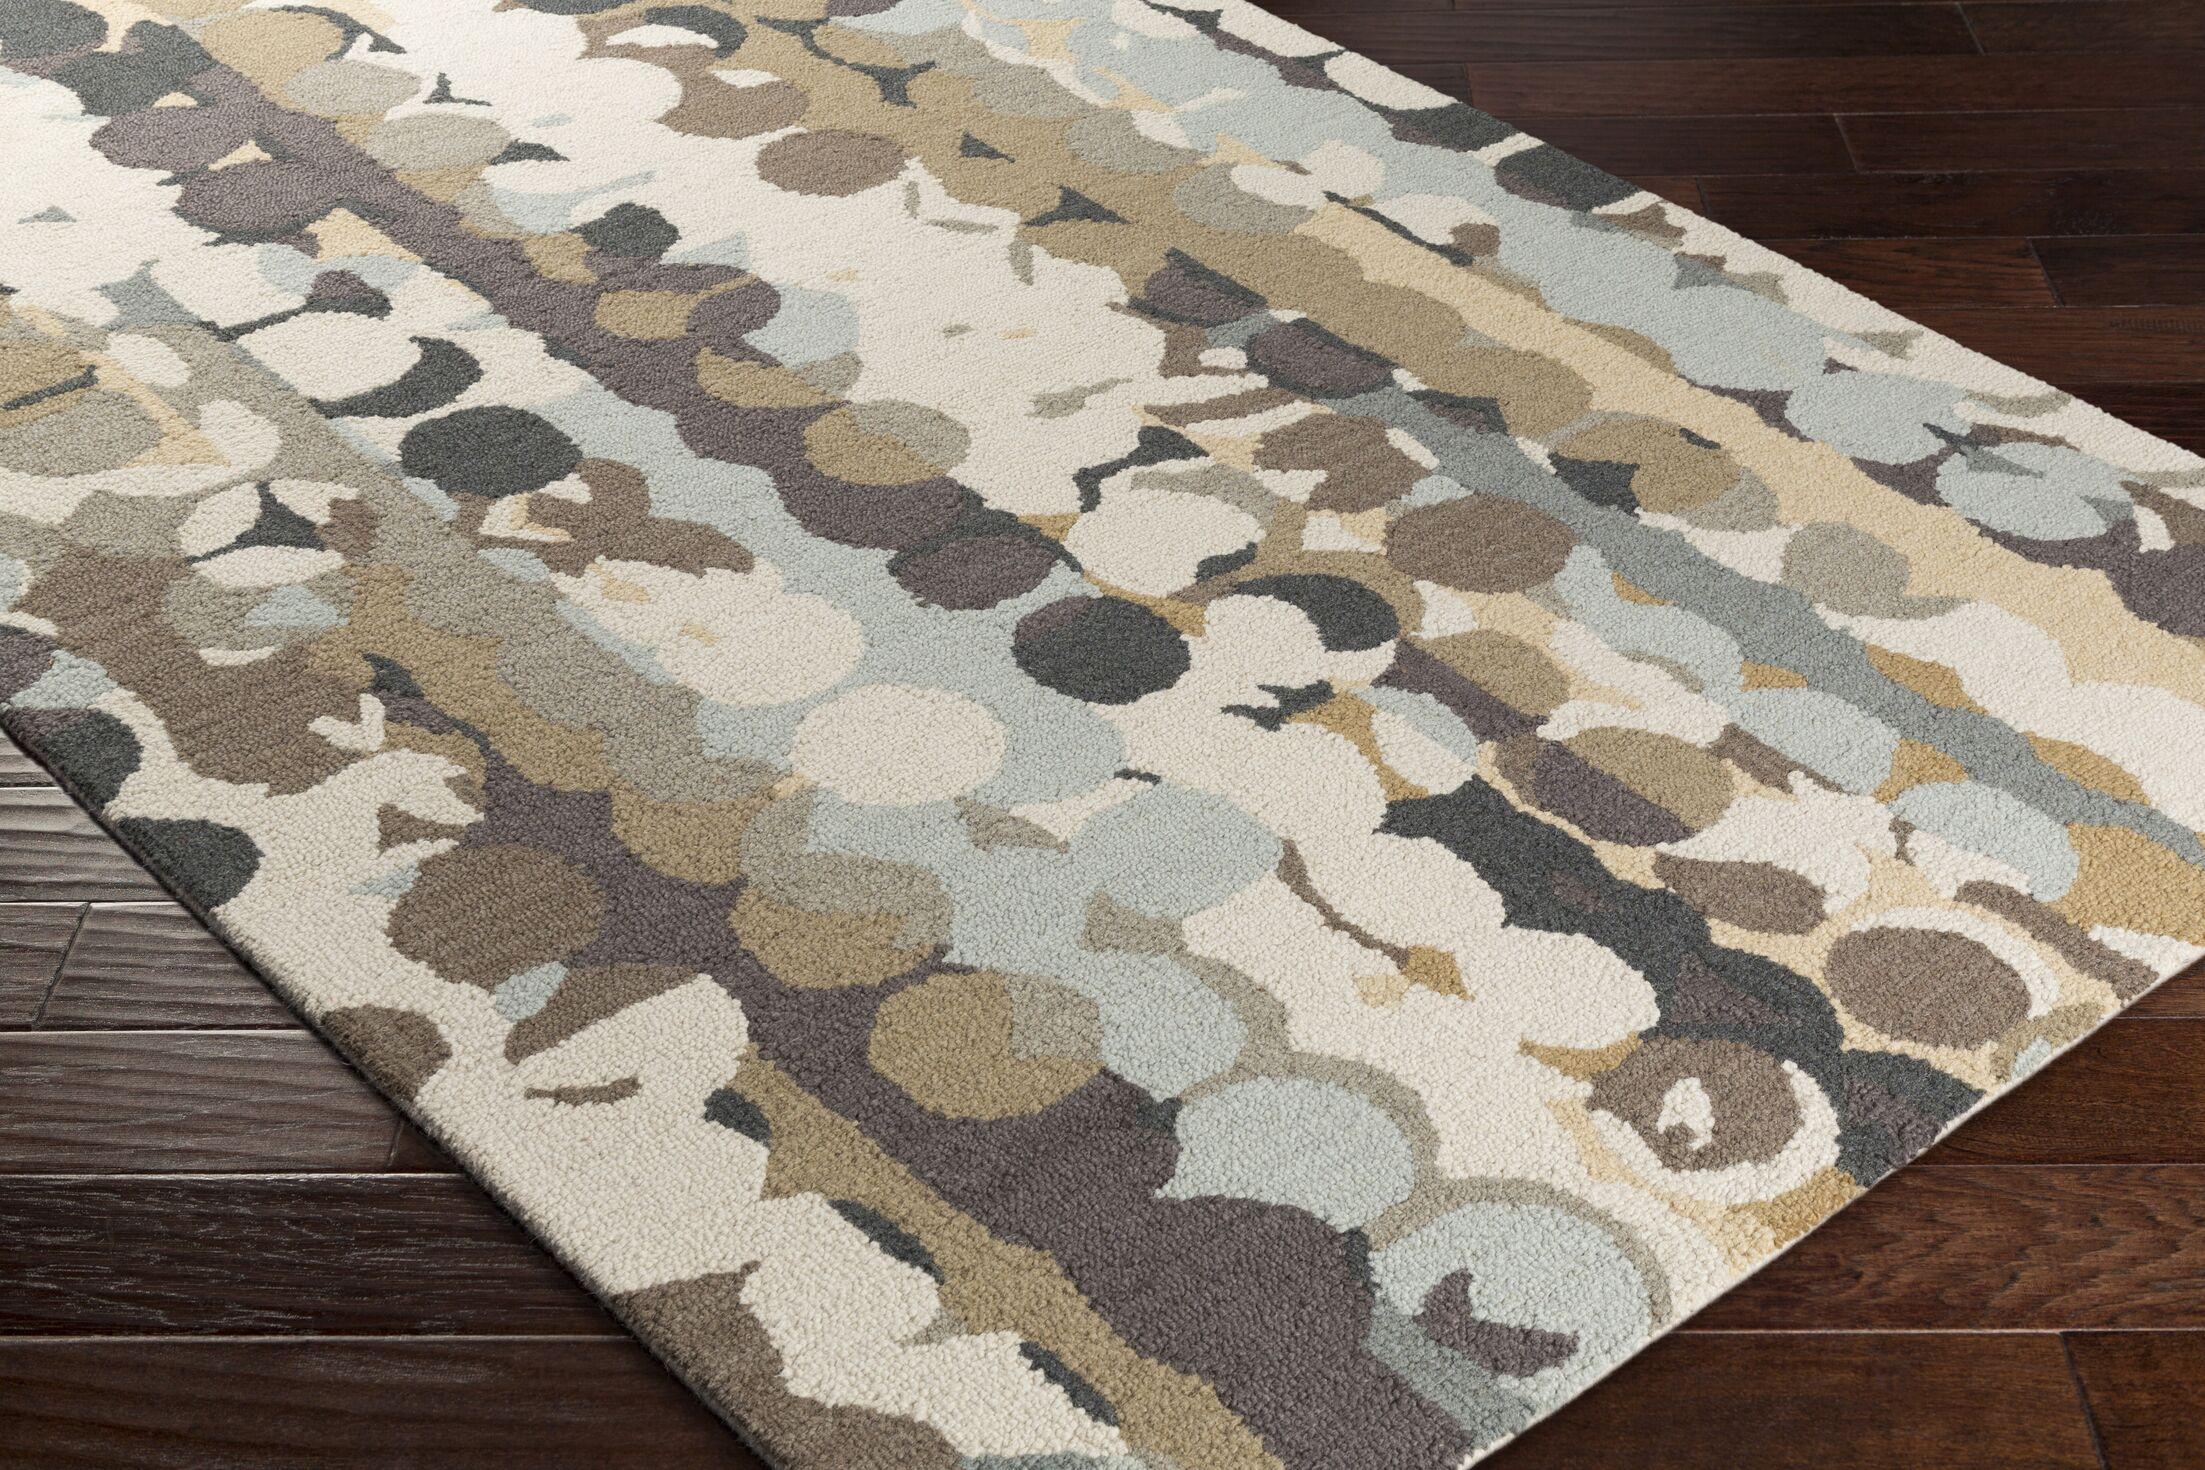 Senger Hand-Tufted Beige/Brown Area Rug Rug Size: Rectangle 8' x 10'